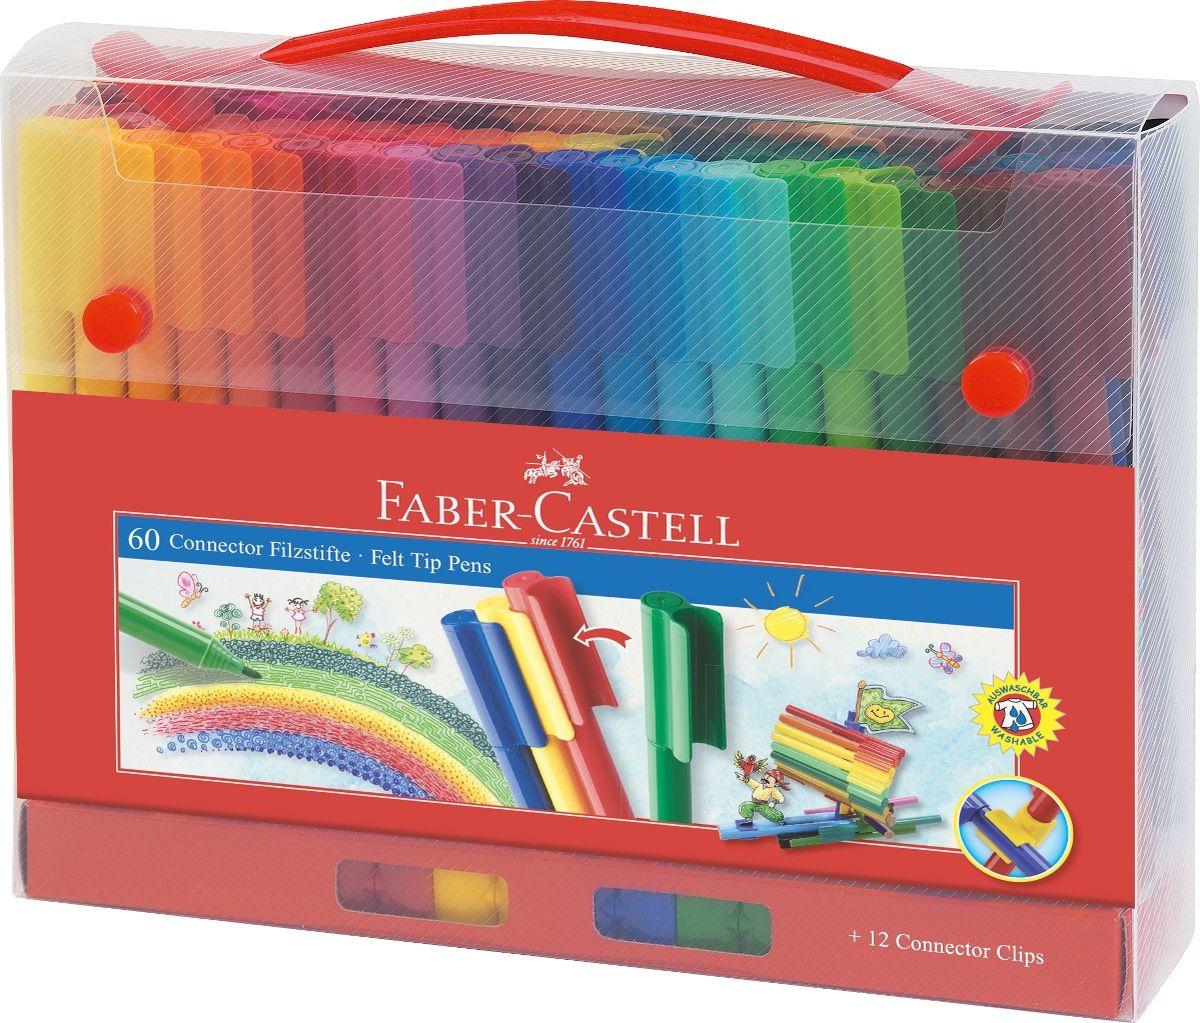 Faber-Castell Набор фломастеров Connector 60 цветовFS-36055 набор в пластиковом пенале содержит 60фломастеров Connector, 12 клипов для соединения